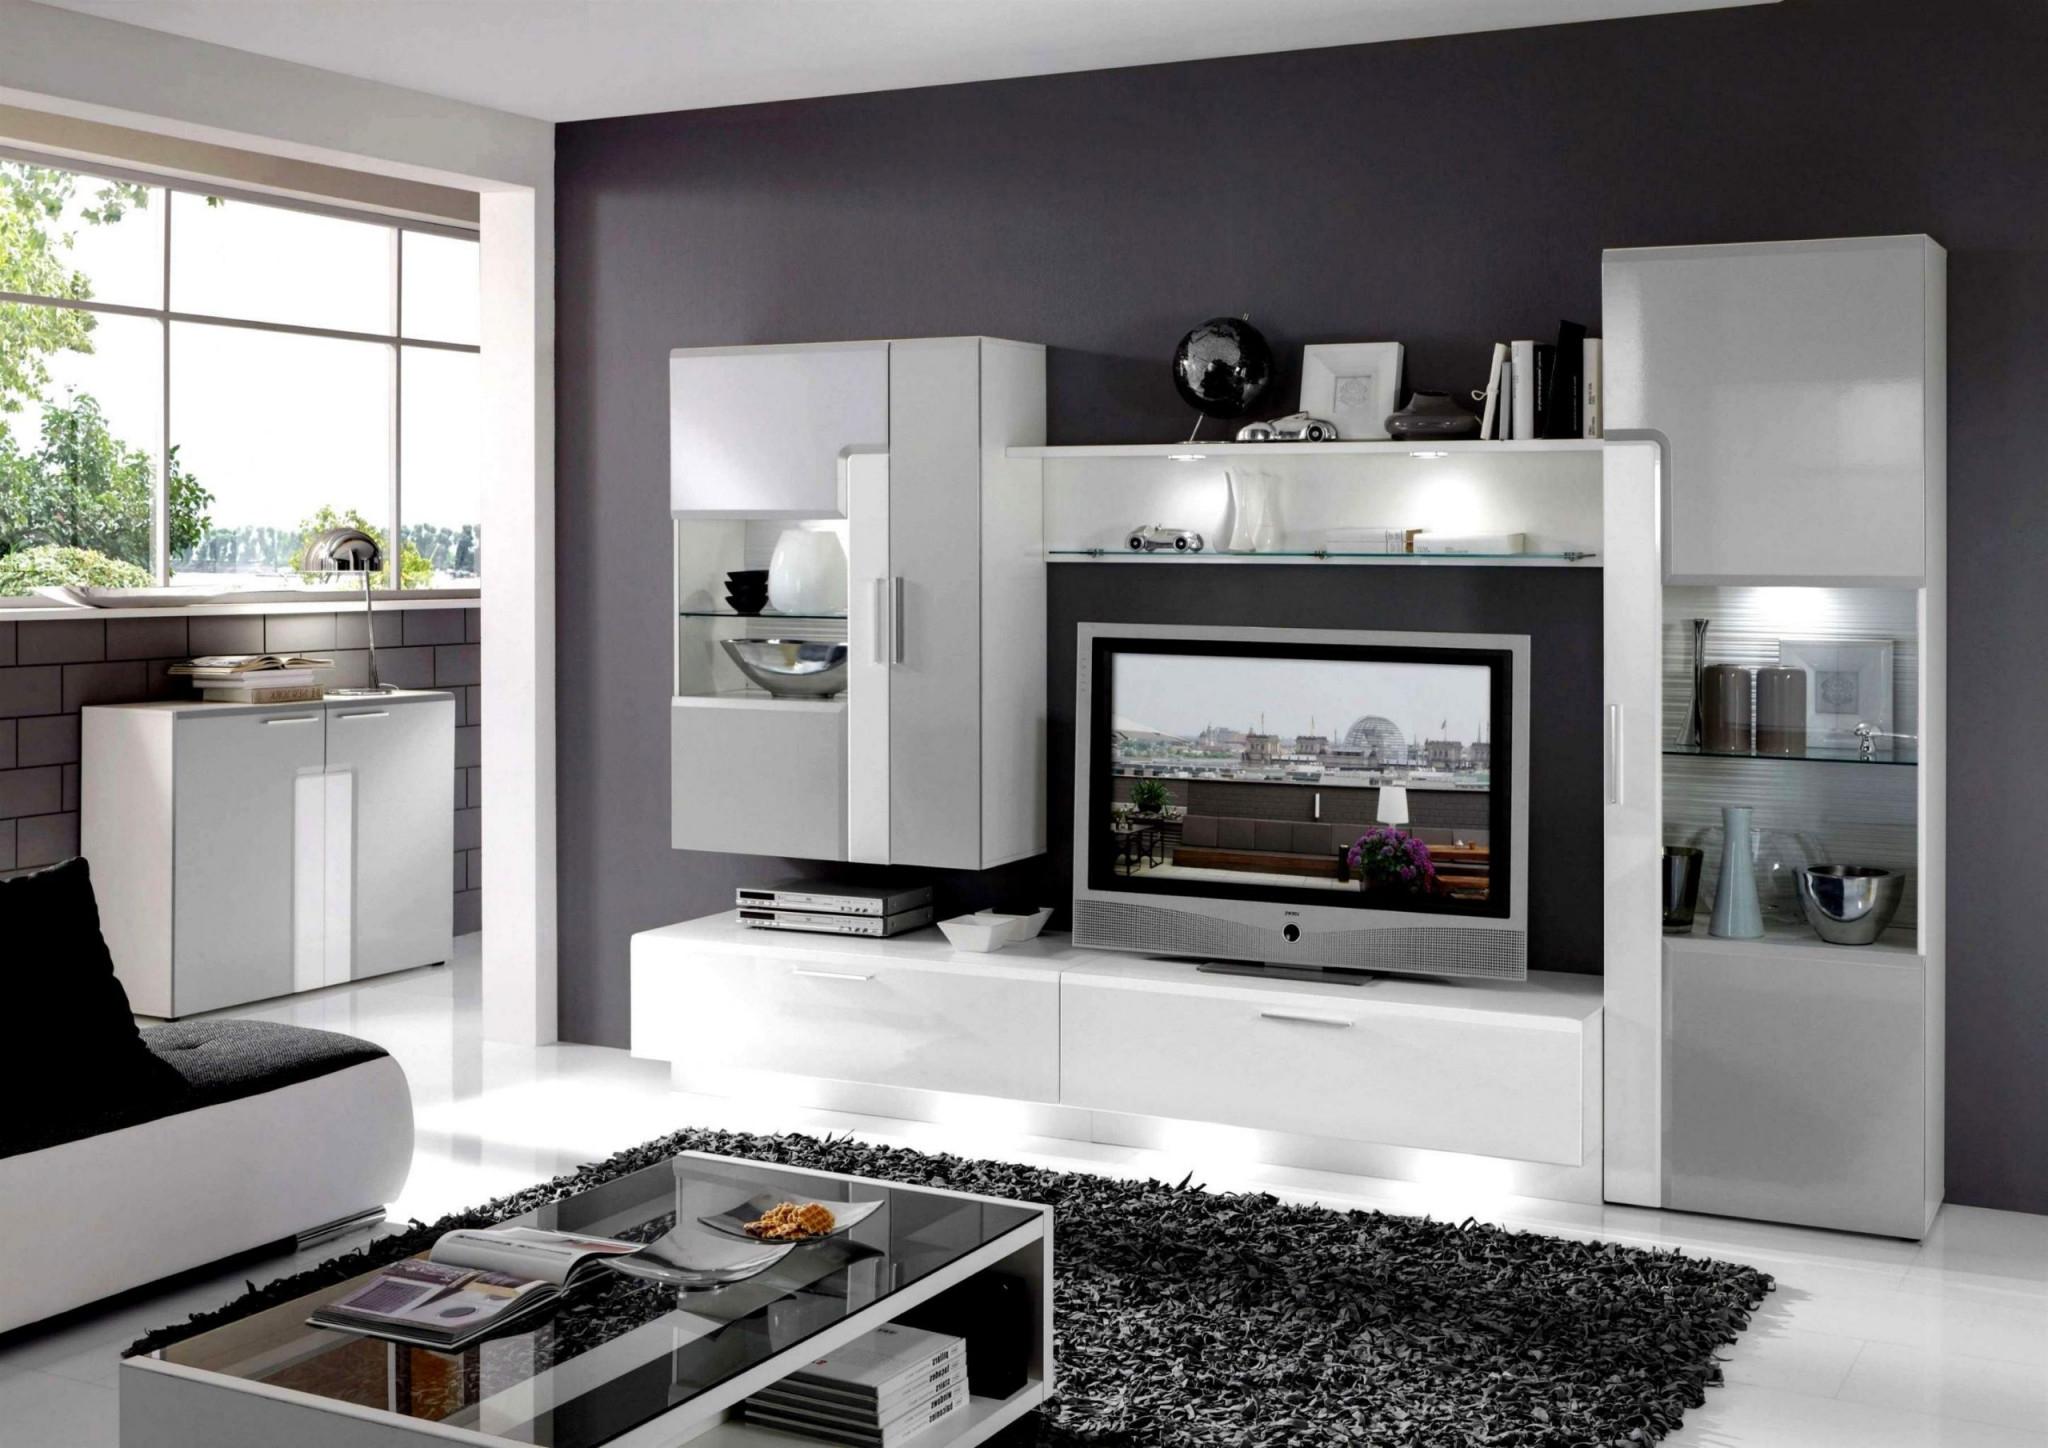 25 Neu Wohnzimmer Ideen Farbgestaltung Elegant  Wohnzimmer von Farben Wohnzimmer Ideen Photo